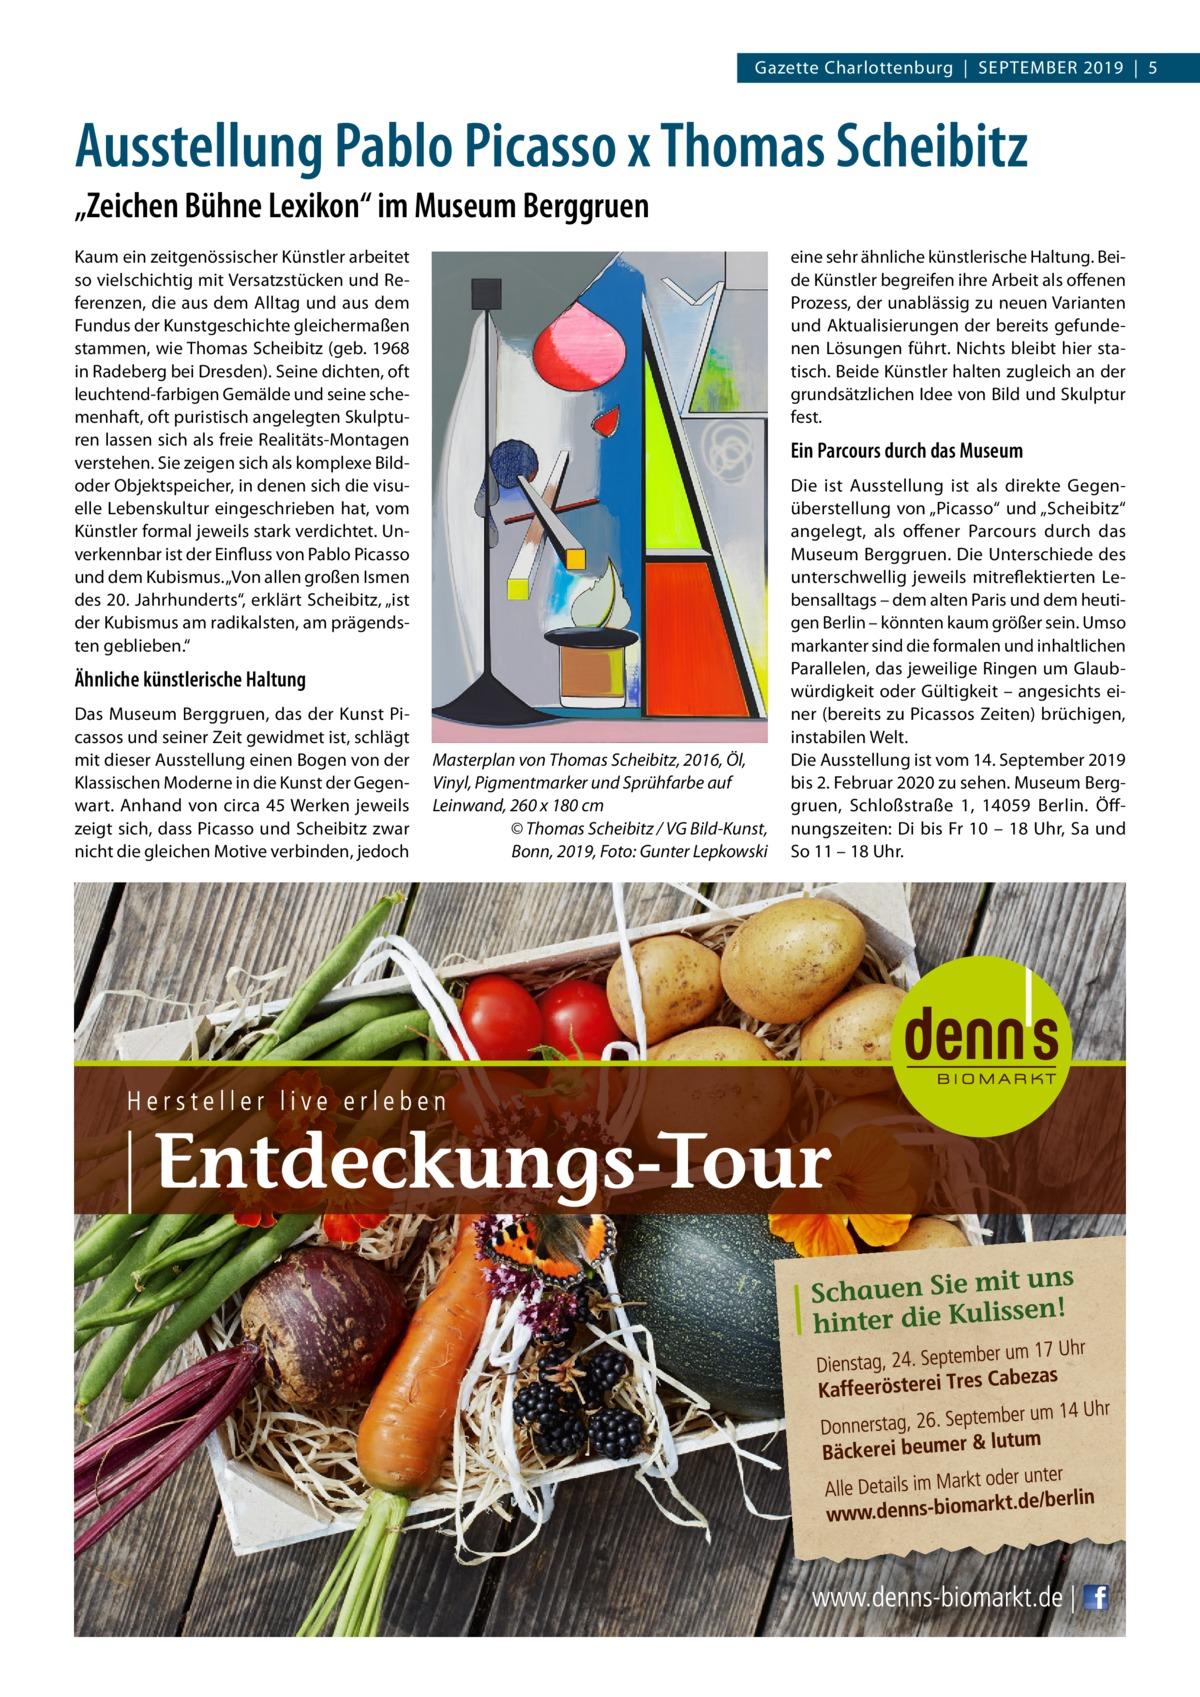 """Gazette Charlottenburg September 2019 5  Ausstellung Pablo Picasso x Thomas Scheibitz """"Zeichen Bühne Lexikon"""" im Museum Berggruen Kaum ein zeitgenössischer Künstler arbeitet so vielschichtig mit Versatzstücken und Referenzen, die aus dem Alltag und aus dem Fundus der Kunstgeschichte gleichermaßen stammen, wie Thomas Scheibitz (geb. 1968 in Radeberg bei Dresden). Seine dichten, oft leuchtend-farbigen Gemälde und seine schemenhaft, oft puristisch angelegten Skulpturen lassen sich als freie Realitäts-Montagen verstehen. Sie zeigen sich als komplexe Bildoder Objektspeicher, in denen sich die visuelle Lebenskultur eingeschrieben hat, vom Künstler formal jeweils stark verdichtet. Unverkennbar ist der Einfluss von Pablo Picasso und dem Kubismus. """"Von allen großen Ismen des 20.Jahrhunderts"""", erklärt Scheibitz, """"ist der Kubismus am radikalsten, am prägendsten geblieben.""""  eine sehr ähnliche künstlerische Haltung. Beide Künstler begreifen ihre Arbeit als offenen Prozess, der unablässig zu neuen Varianten und Aktualisierungen der bereits gefundenen Lösungen führt. Nichts bleibt hier statisch. Beide Künstler halten zugleich an der grundsätzlichen Idee von Bild und Skulptur fest.  Ein Parcours durch das Museum  Ähnliche künstlerische Haltung Das Museum Berggruen, das der Kunst Picassos und seiner Zeit gewidmet ist, schlägt mit dieser Ausstellung einen Bogen von der Klassischen Moderne in die Kunst der Gegenwart. Anhand von circa 45Werken jeweils zeigt sich, dass Picasso und Scheibitz zwar nicht die gleichen Motive verbinden, jedoch  Masterplan von Thomas Scheibitz, 2016, Öl, Vinyl, Pigmentmarker und Sprühfarbe auf Leinwand, 260 x 180 cm � © Thomas Scheibitz / VG Bild-Kunst, Bonn, 2019, Foto: Gunter Lepkowski  Die ist Ausstellung ist als direkte Gegenüberstellung von """"Picasso"""" und """"Scheibitz"""" angelegt, als offener Parcours durch das Museum Berggruen. Die Unterschiede des unterschwellig jeweils mitreflektierten Lebensalltags – dem alten Paris und dem heutigen Berlin – könnten kaum"""